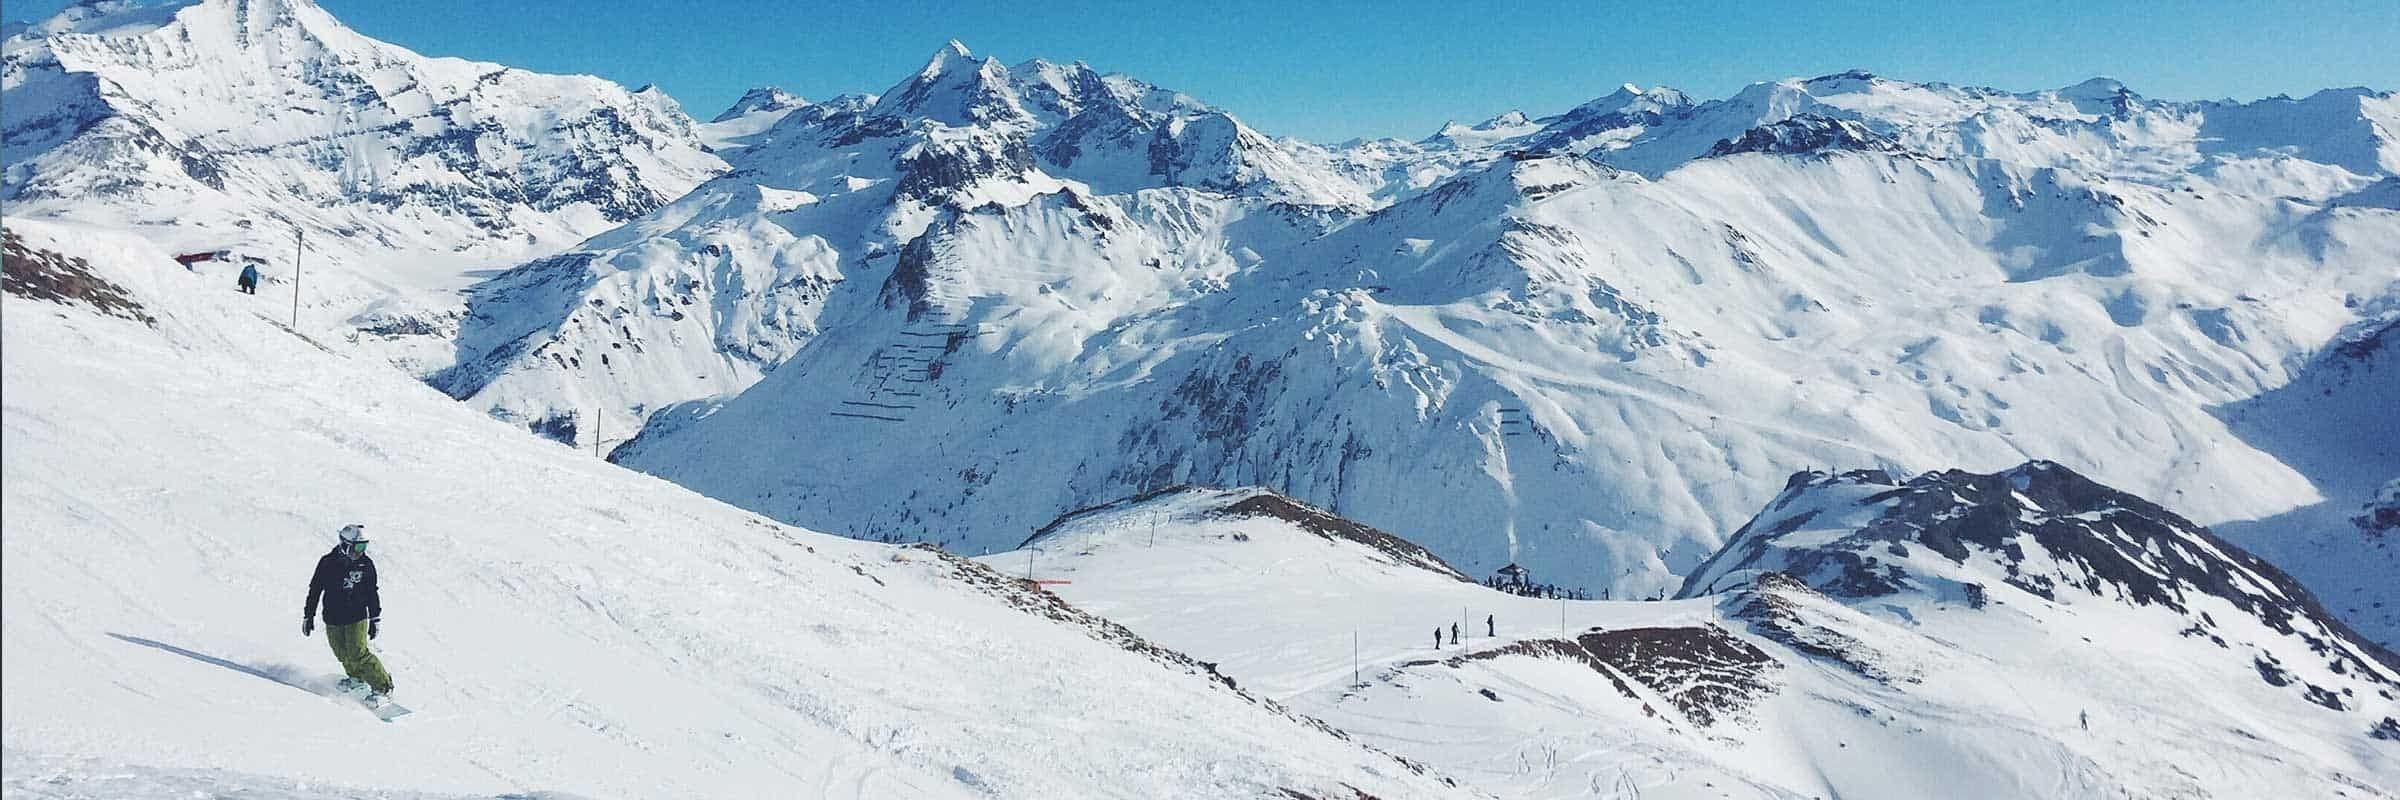 Ski & snowboard, ski hors piste. Meilleures idées cadeaux pour skieurs et planchistes.